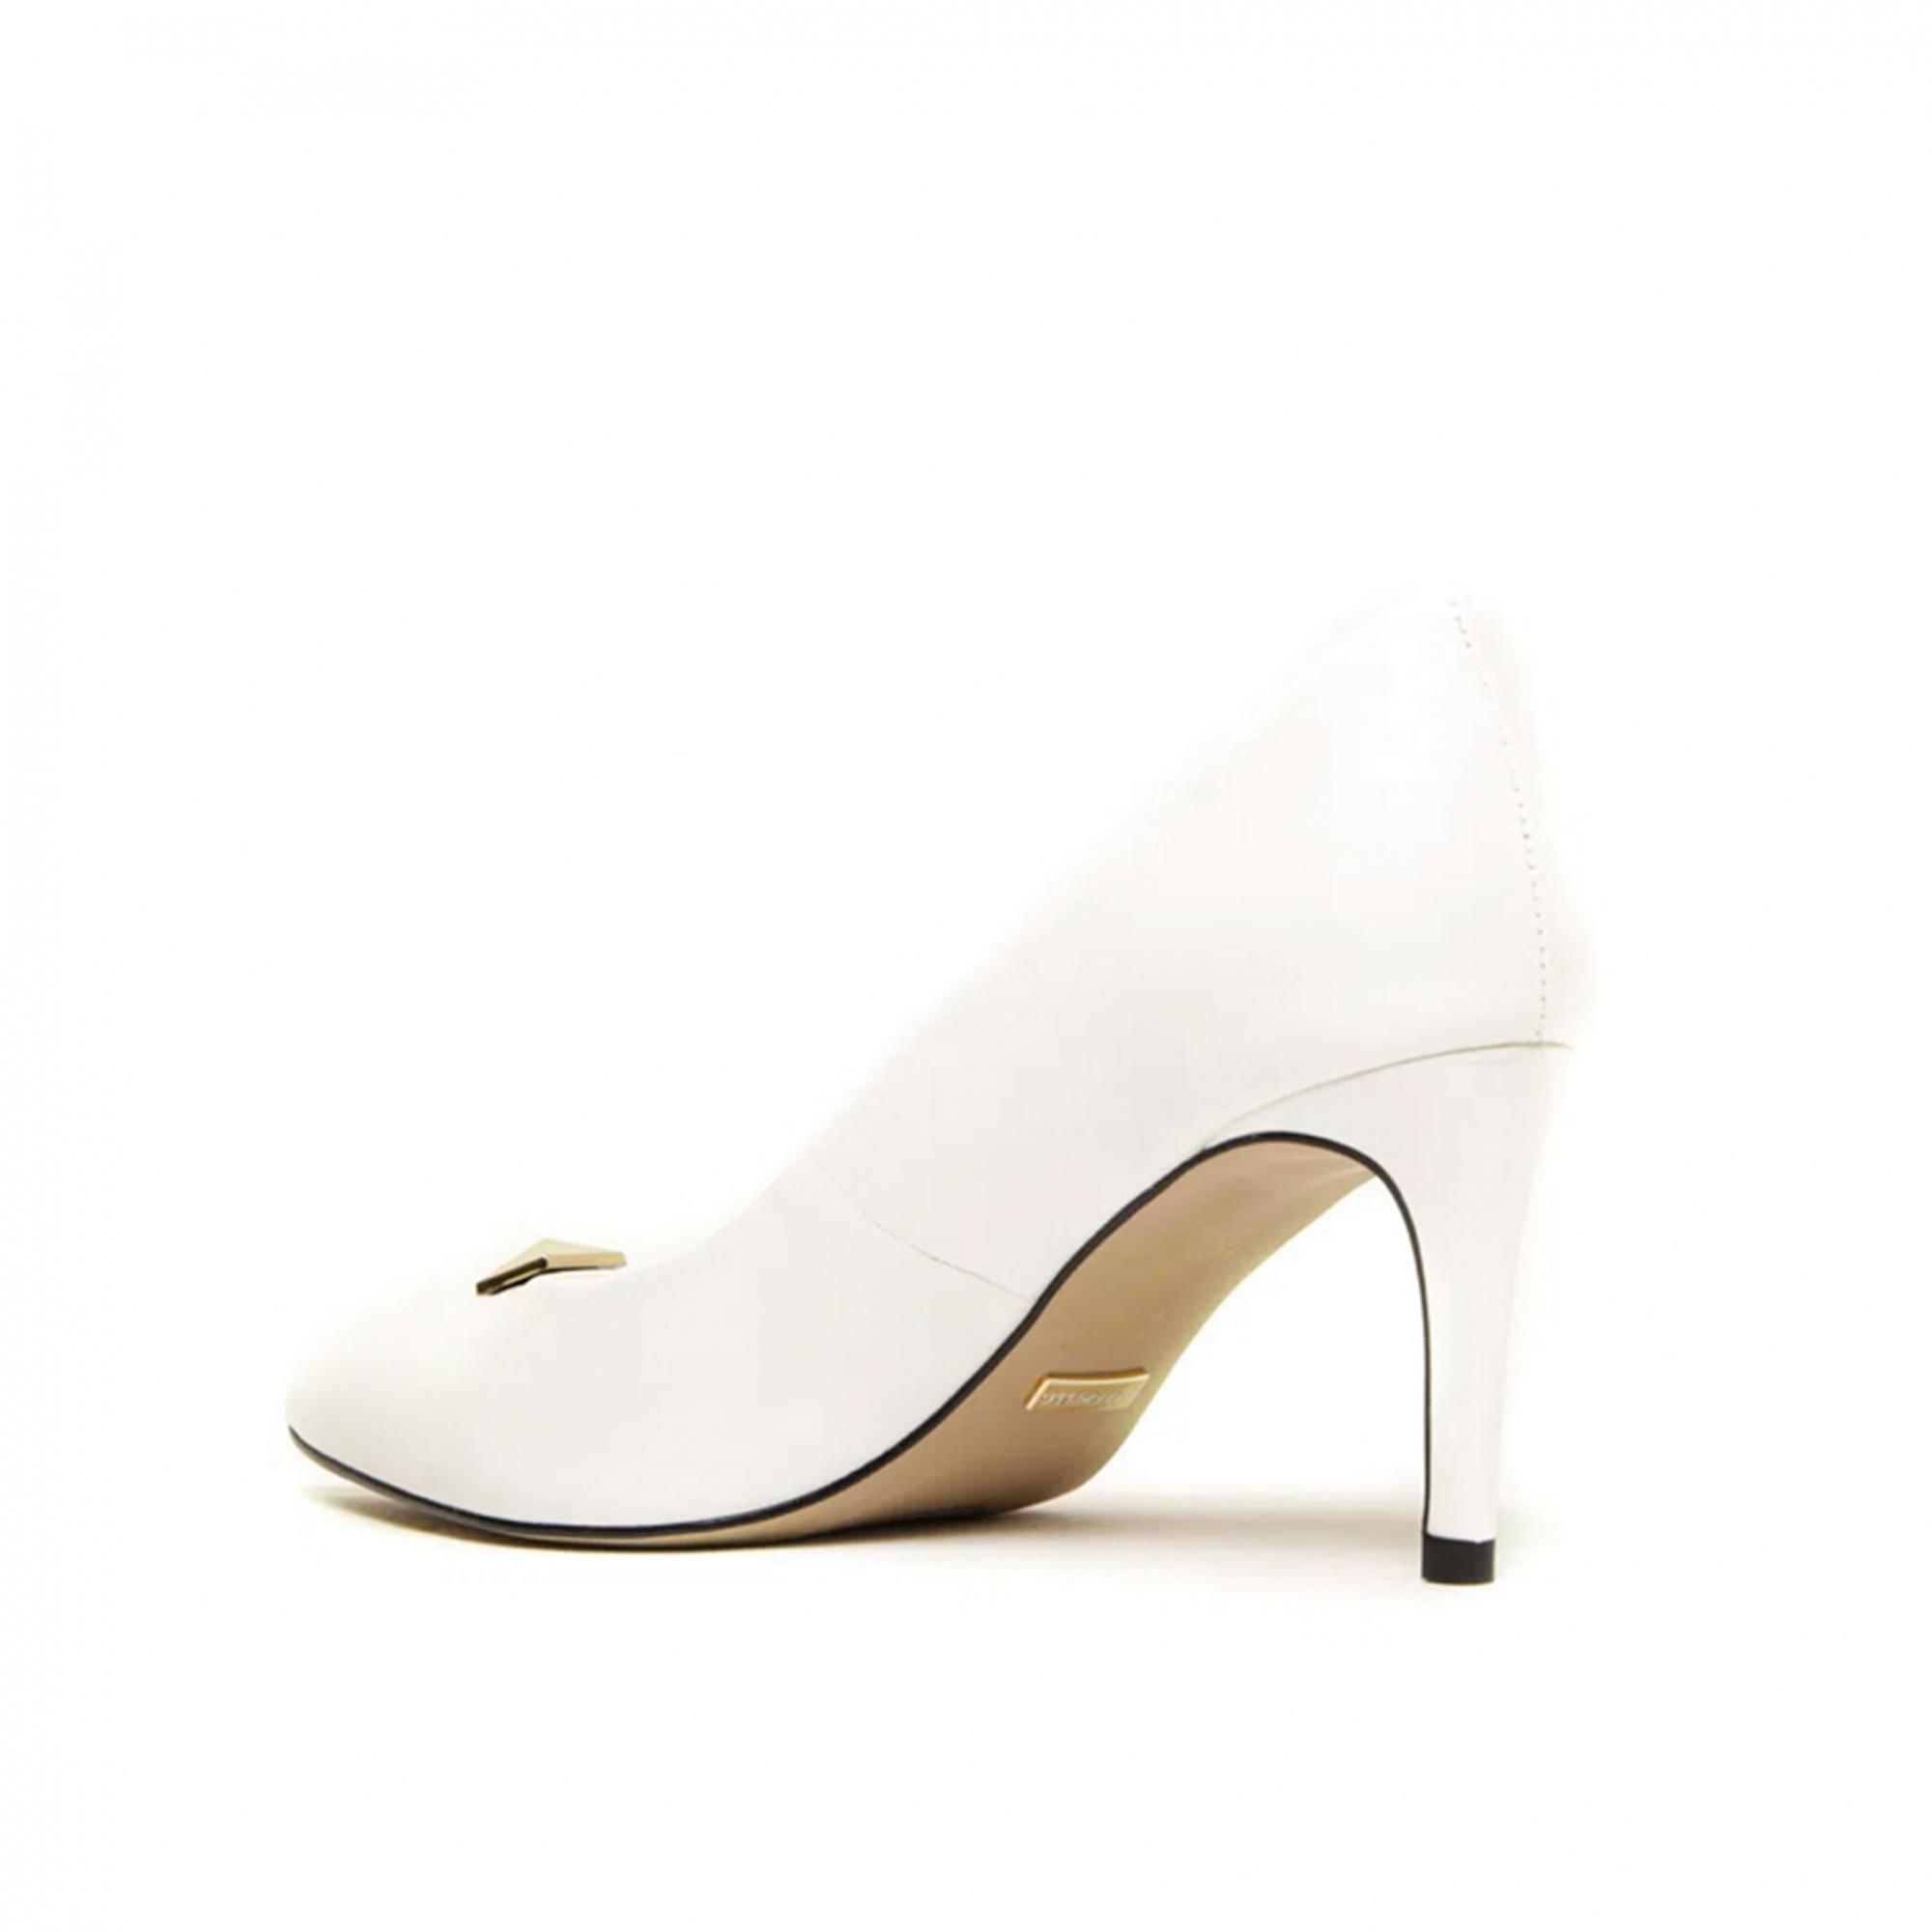 Scarpin Cecconello Soft Branco Enfeite Ouro Salto Médio Fino 7,5cm